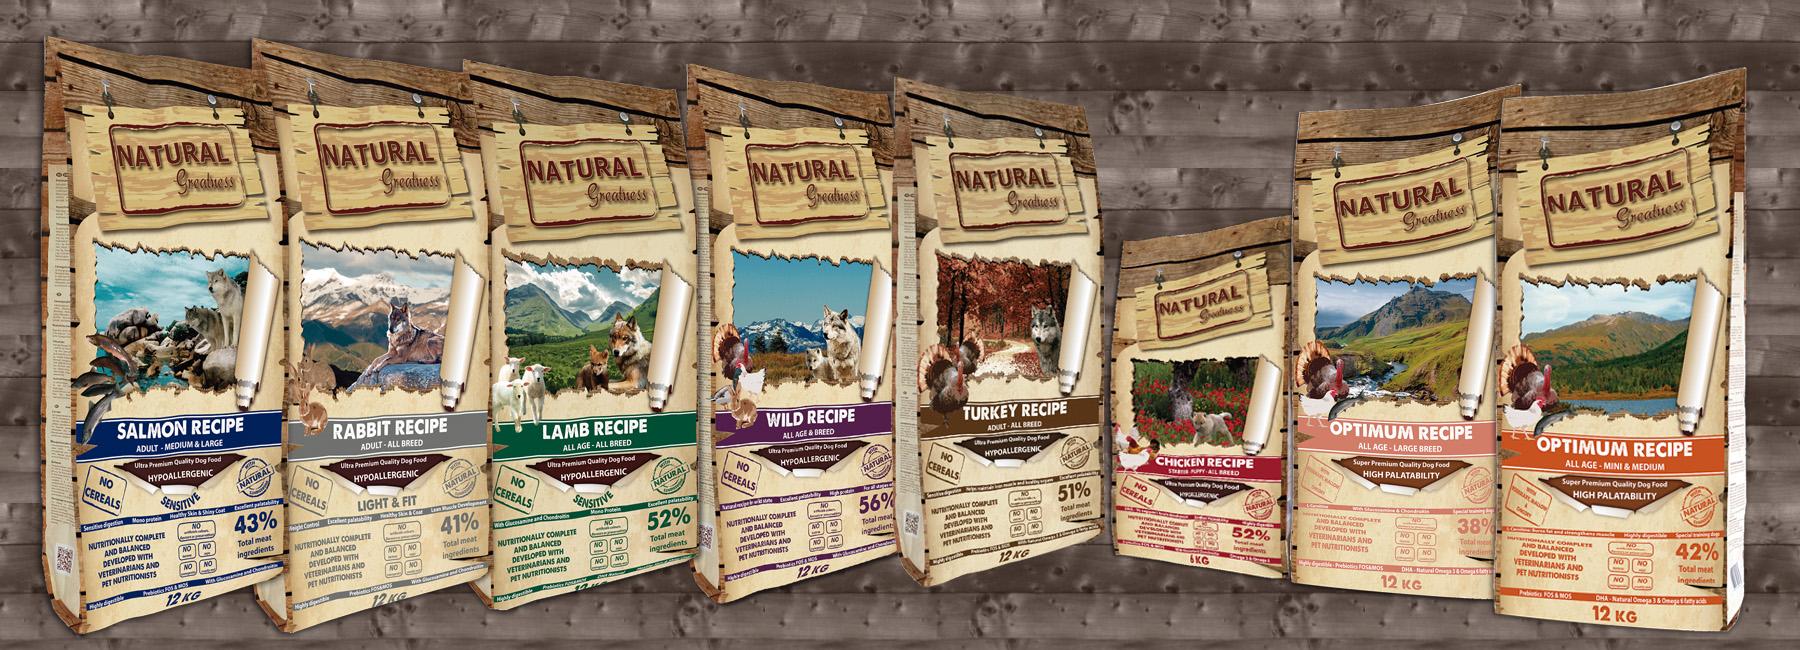 natural-greatness-fondo-madera